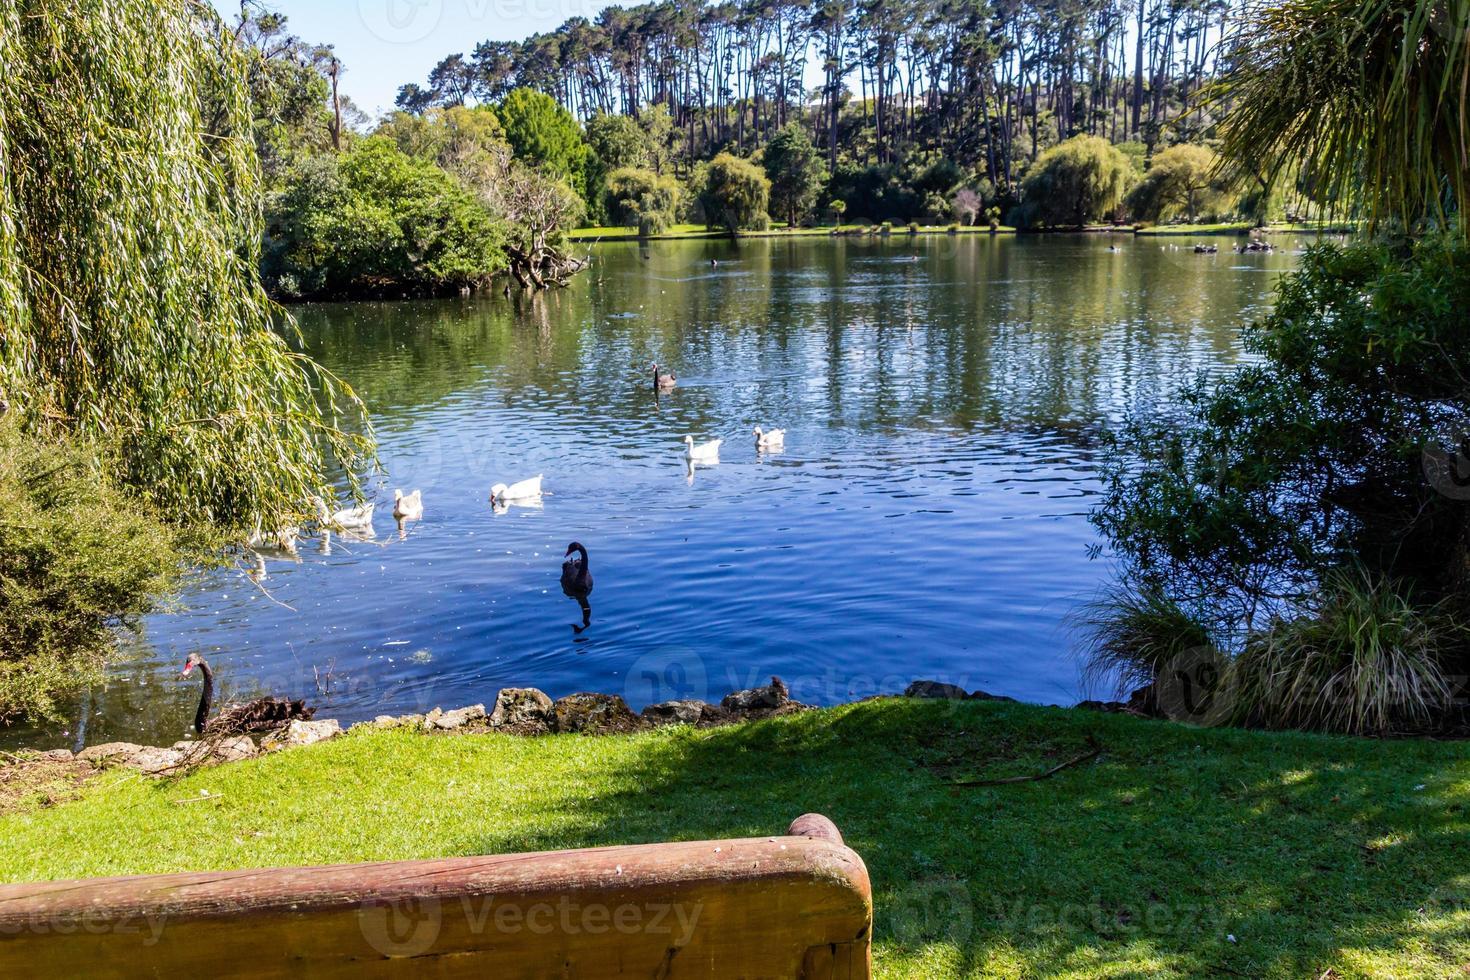 patos, pájaros, cisnes y gansos retozan dentro y alrededor del estanque. Estanque de patos de Western Springs, Auckland, Nueva Zelanda foto